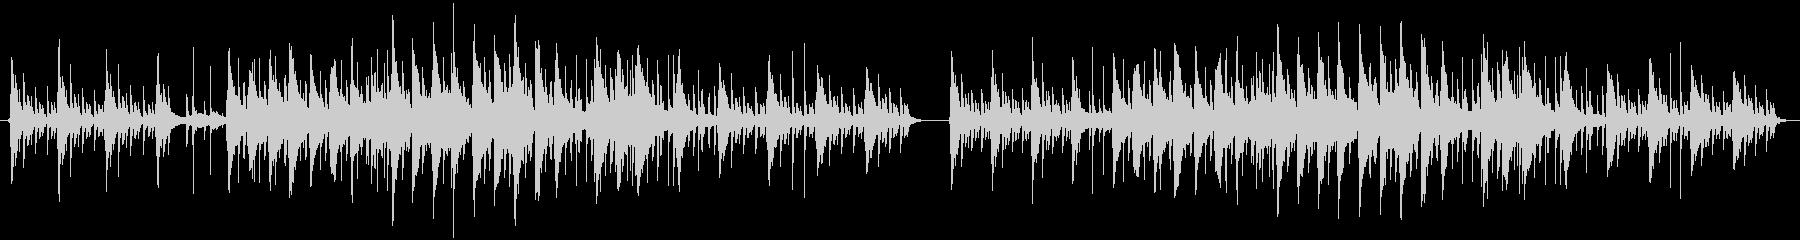 眠りそうなインストヒップホップの未再生の波形